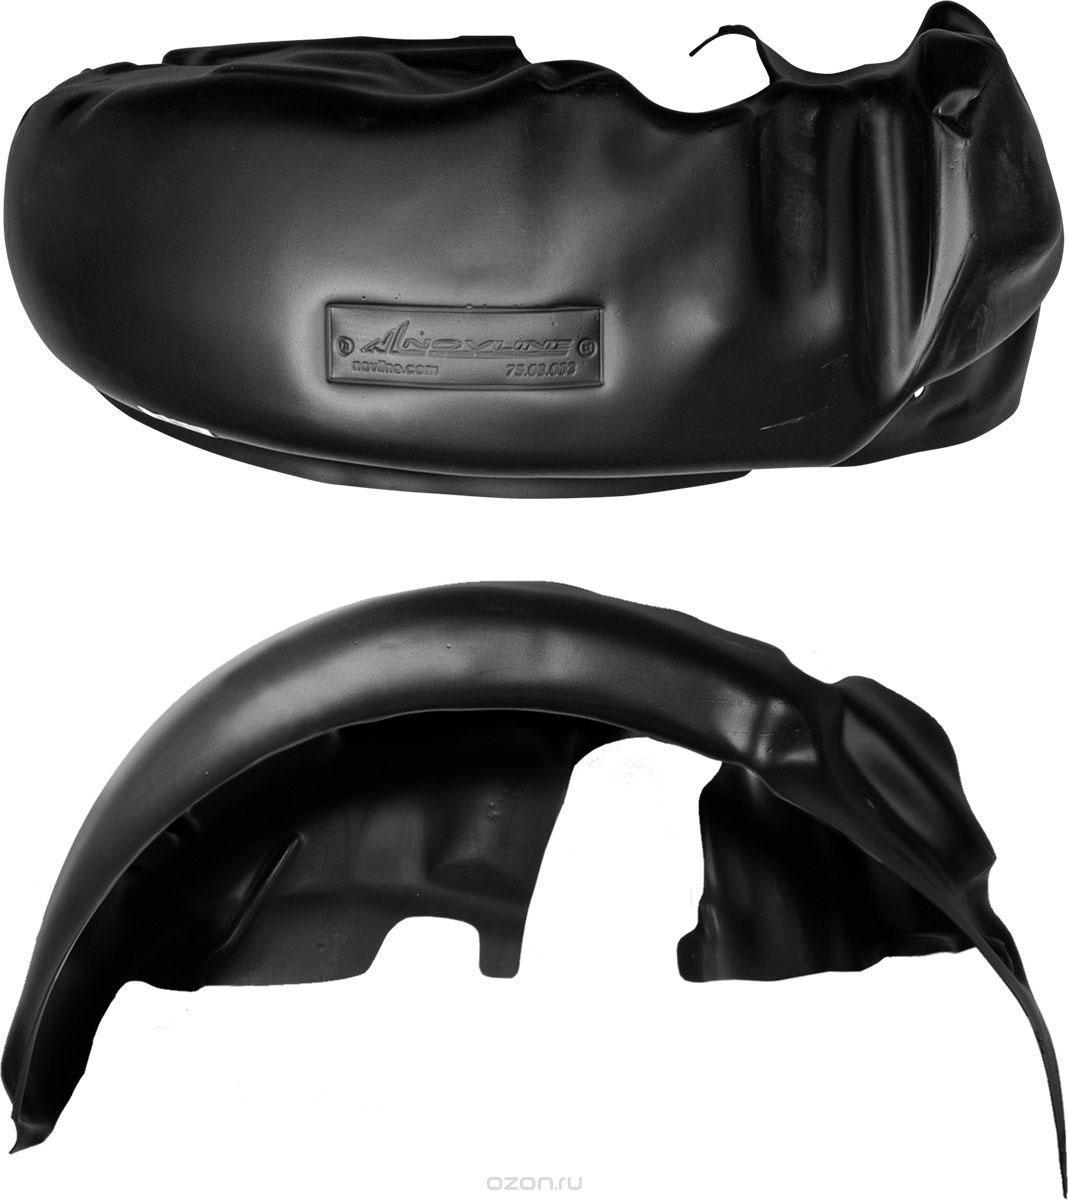 Подкрылок Novline-Autofamily, для UAZ Patriot 3163 2005->, передний правыйNLL.54.04.002Идеальная защита колесной ниши. Локеры разработаны с применением цифровых технологий, гарантируют максимальную повторяемость поверхности арки. Изделия устанавливаются без нарушения лакокрасочного покрытия автомобиля, каждый подкрылок комплектуется крепежом. Уважаемые клиенты, обращаем ваше внимание, что фотографии на подкрылки универсальные и не отражают реальную форму изделия. При этом само изделие идет точно под размер указанного автомобиля.